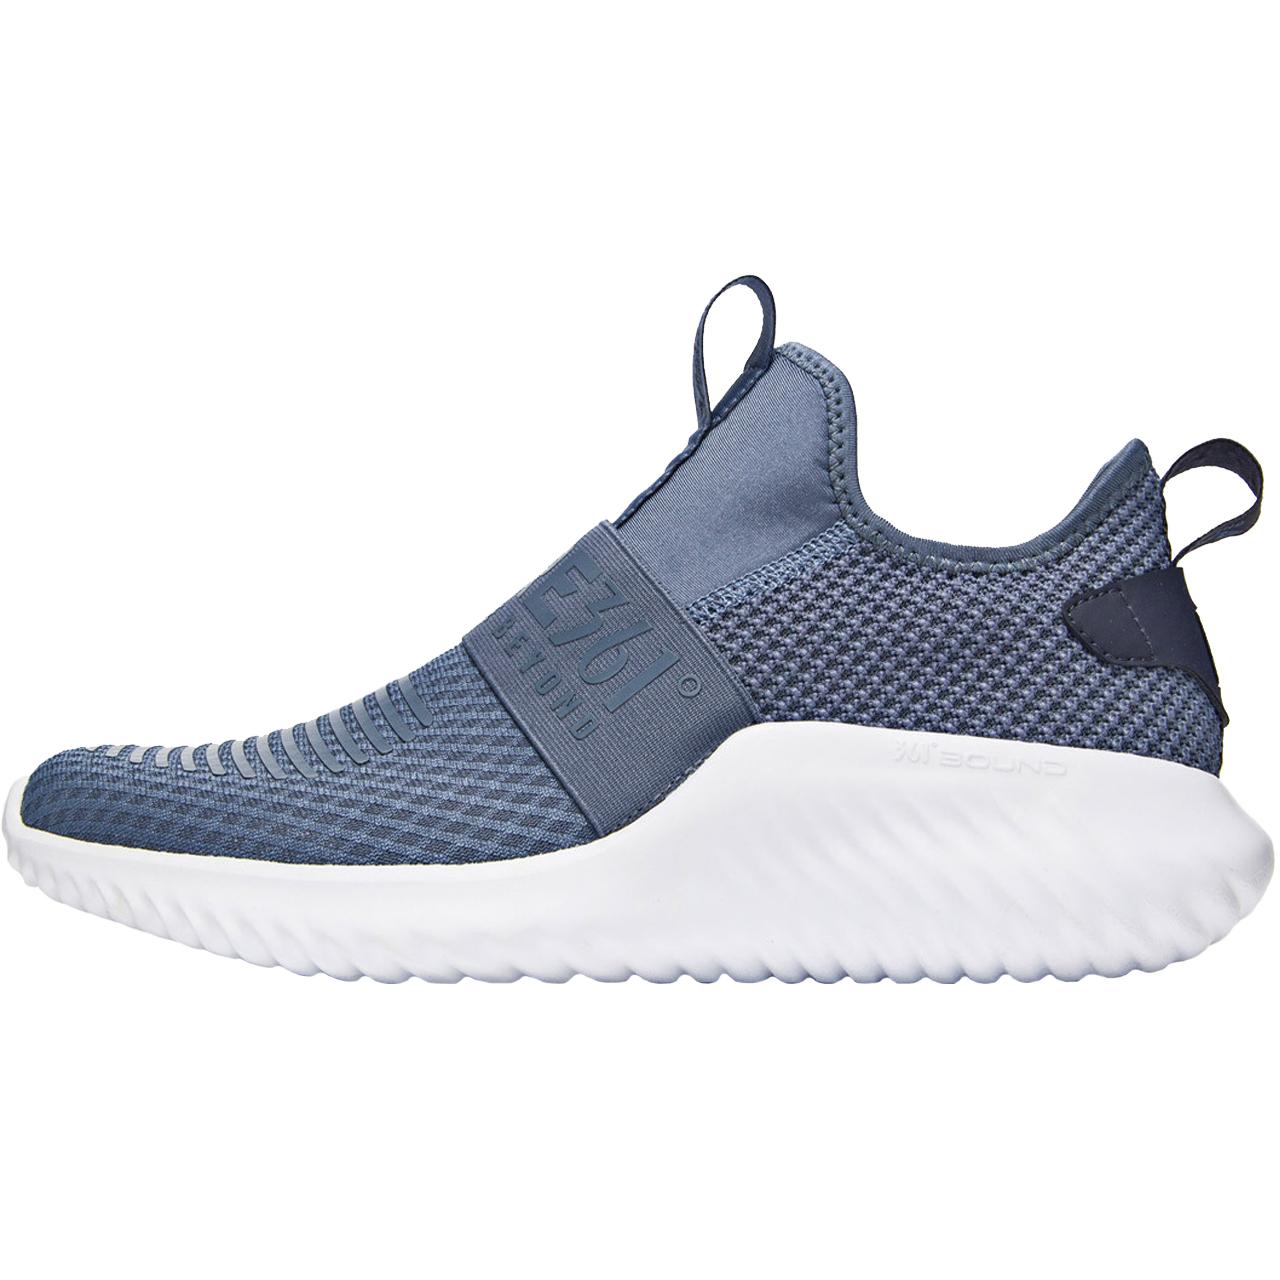 کفش مخصوص دویدن مردانه 361 درجه کد 2-671836706